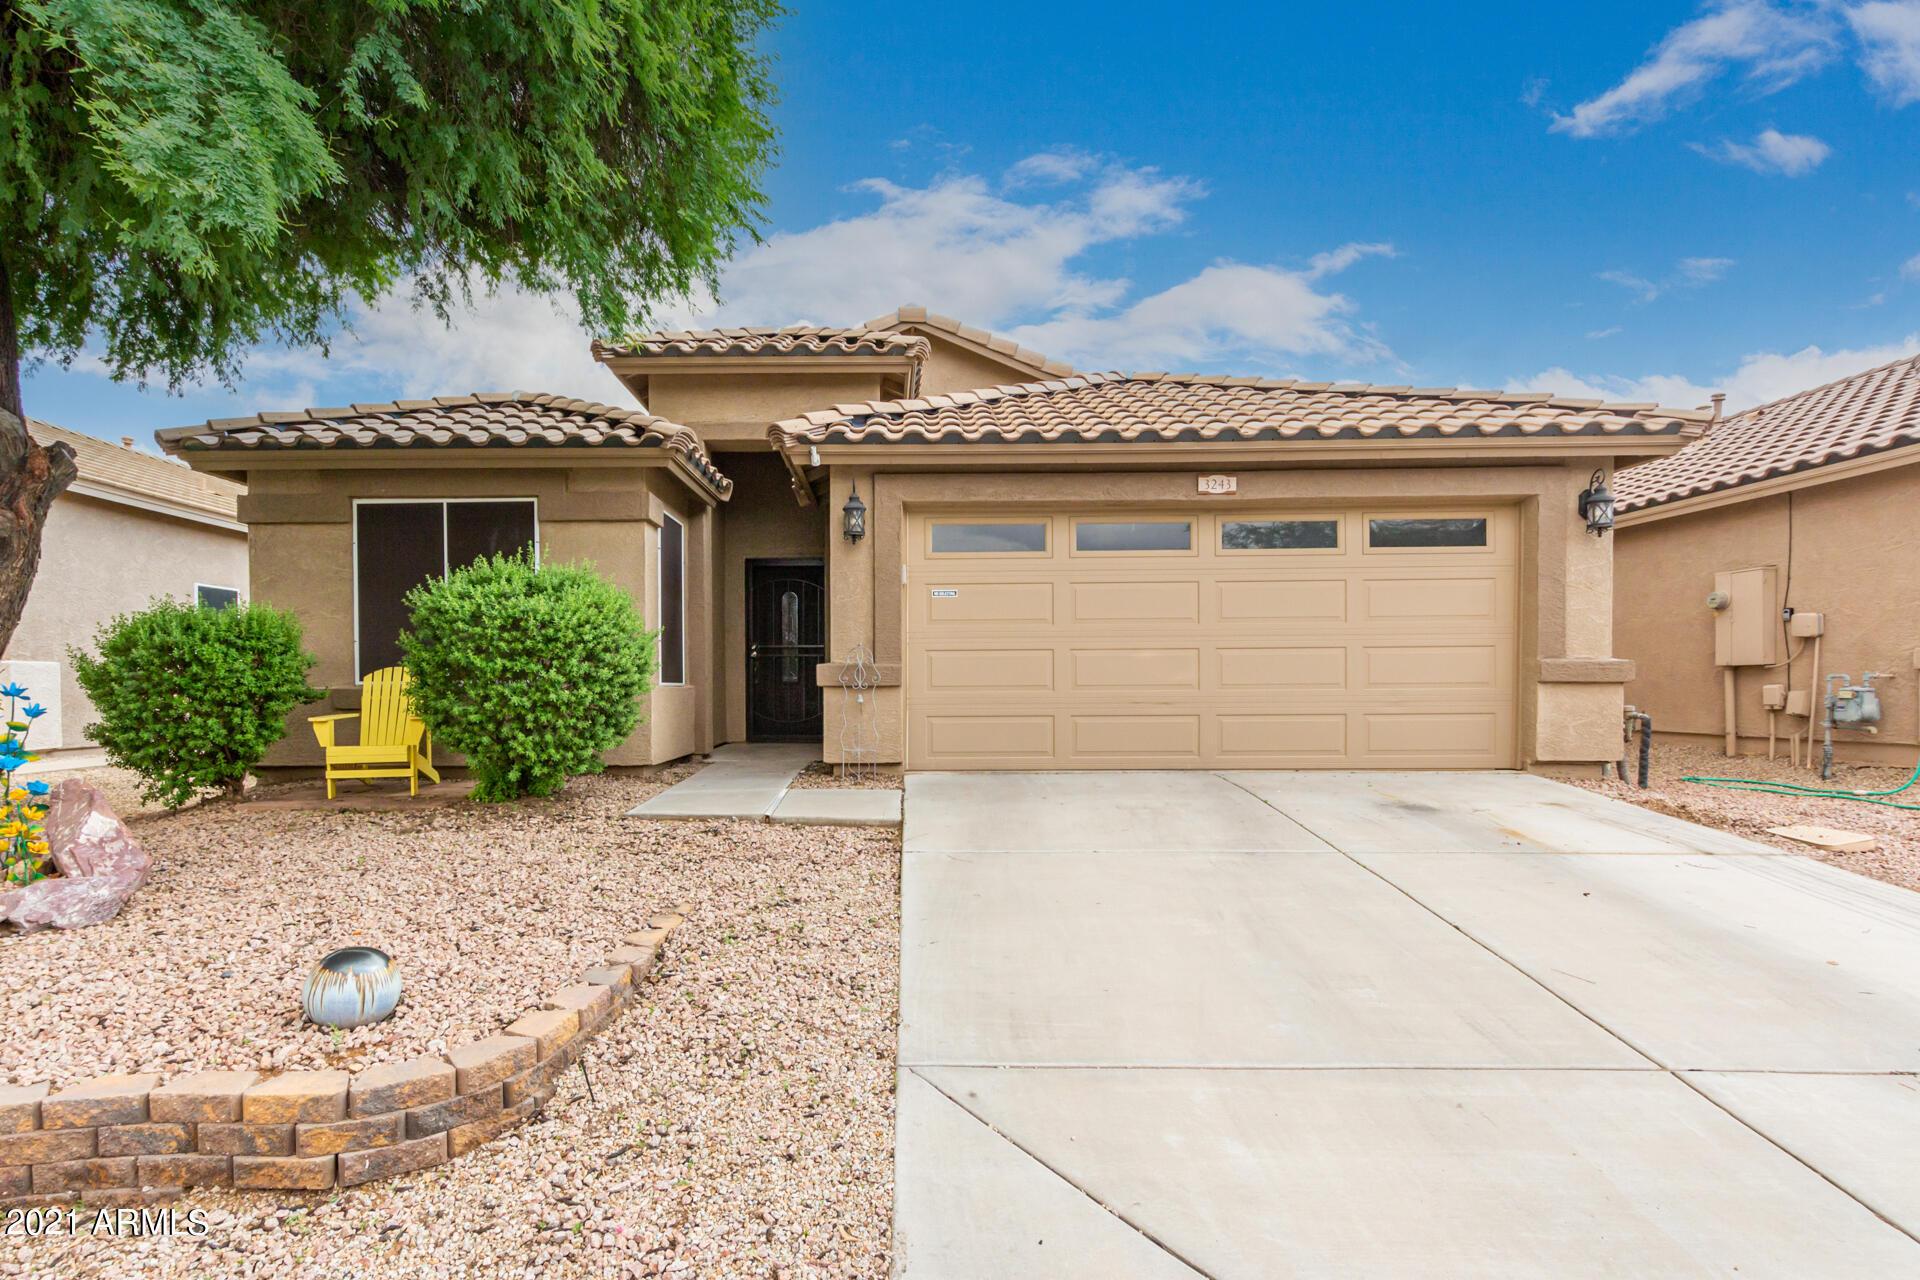 3243 YELLOW PEAK Drive, Queen Creek, Arizona 85142, 4 Bedrooms Bedrooms, ,2 BathroomsBathrooms,Residential,For Sale,YELLOW PEAK,6285606